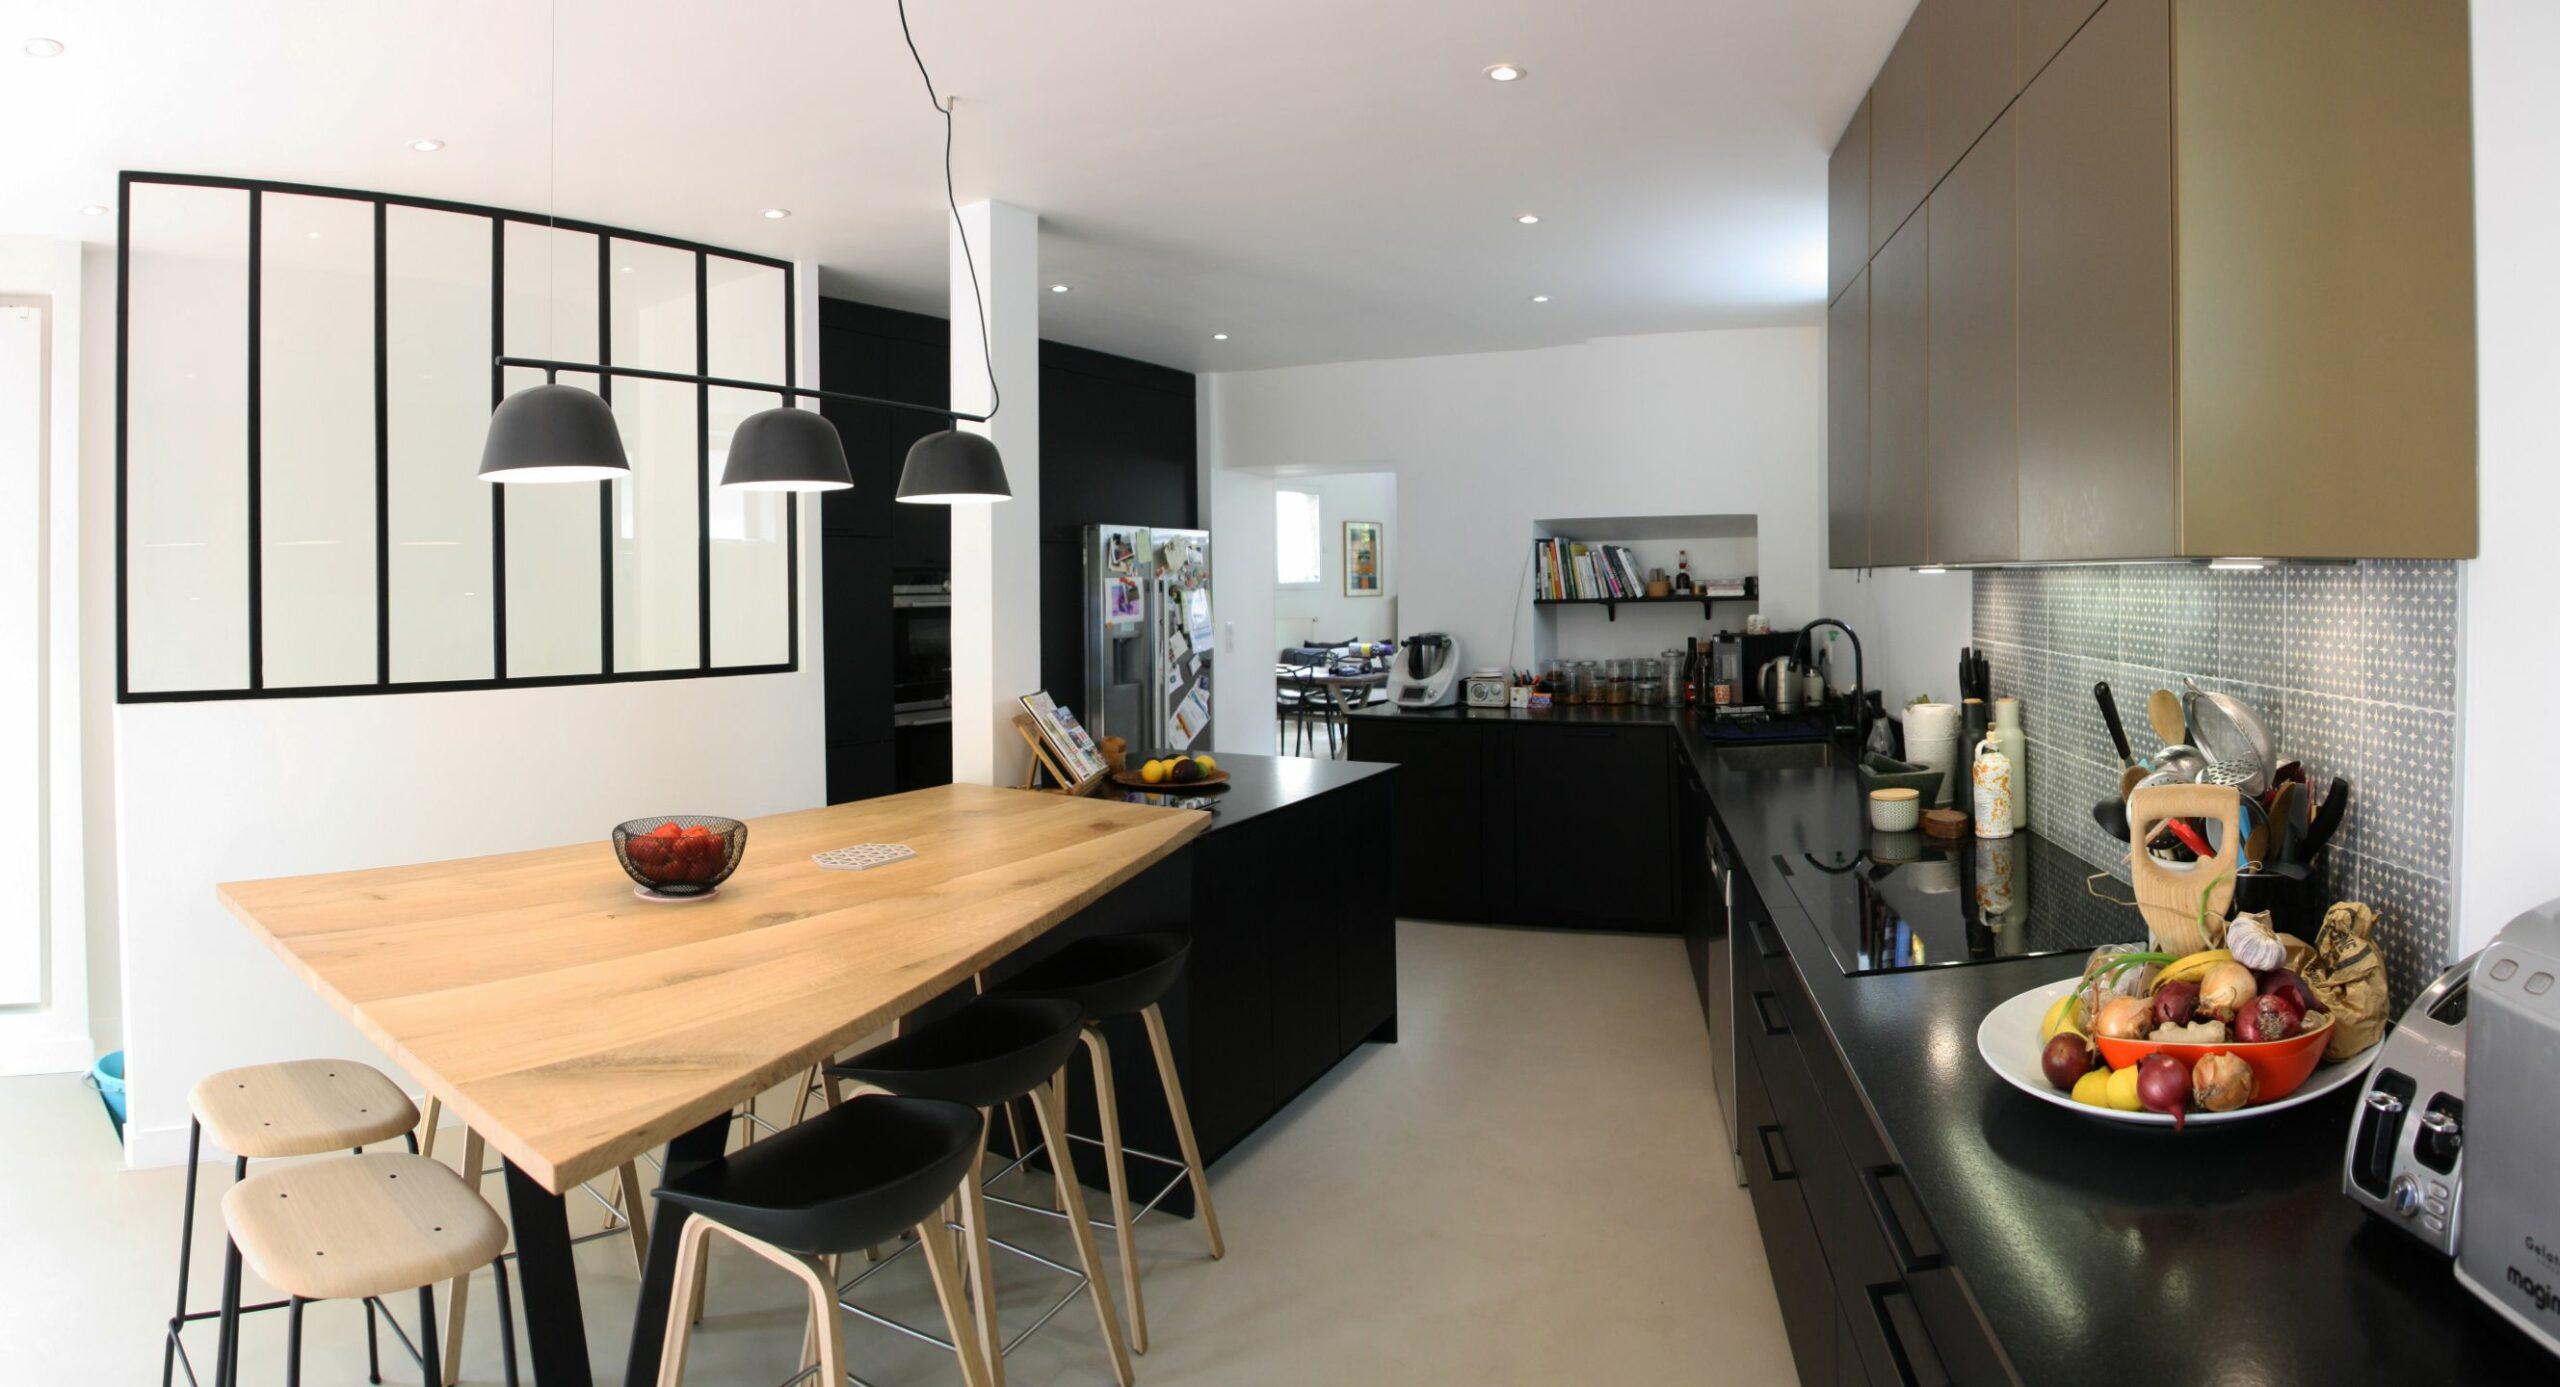 cuisine - verrière - beton - cire - table - bois - noir - bronze